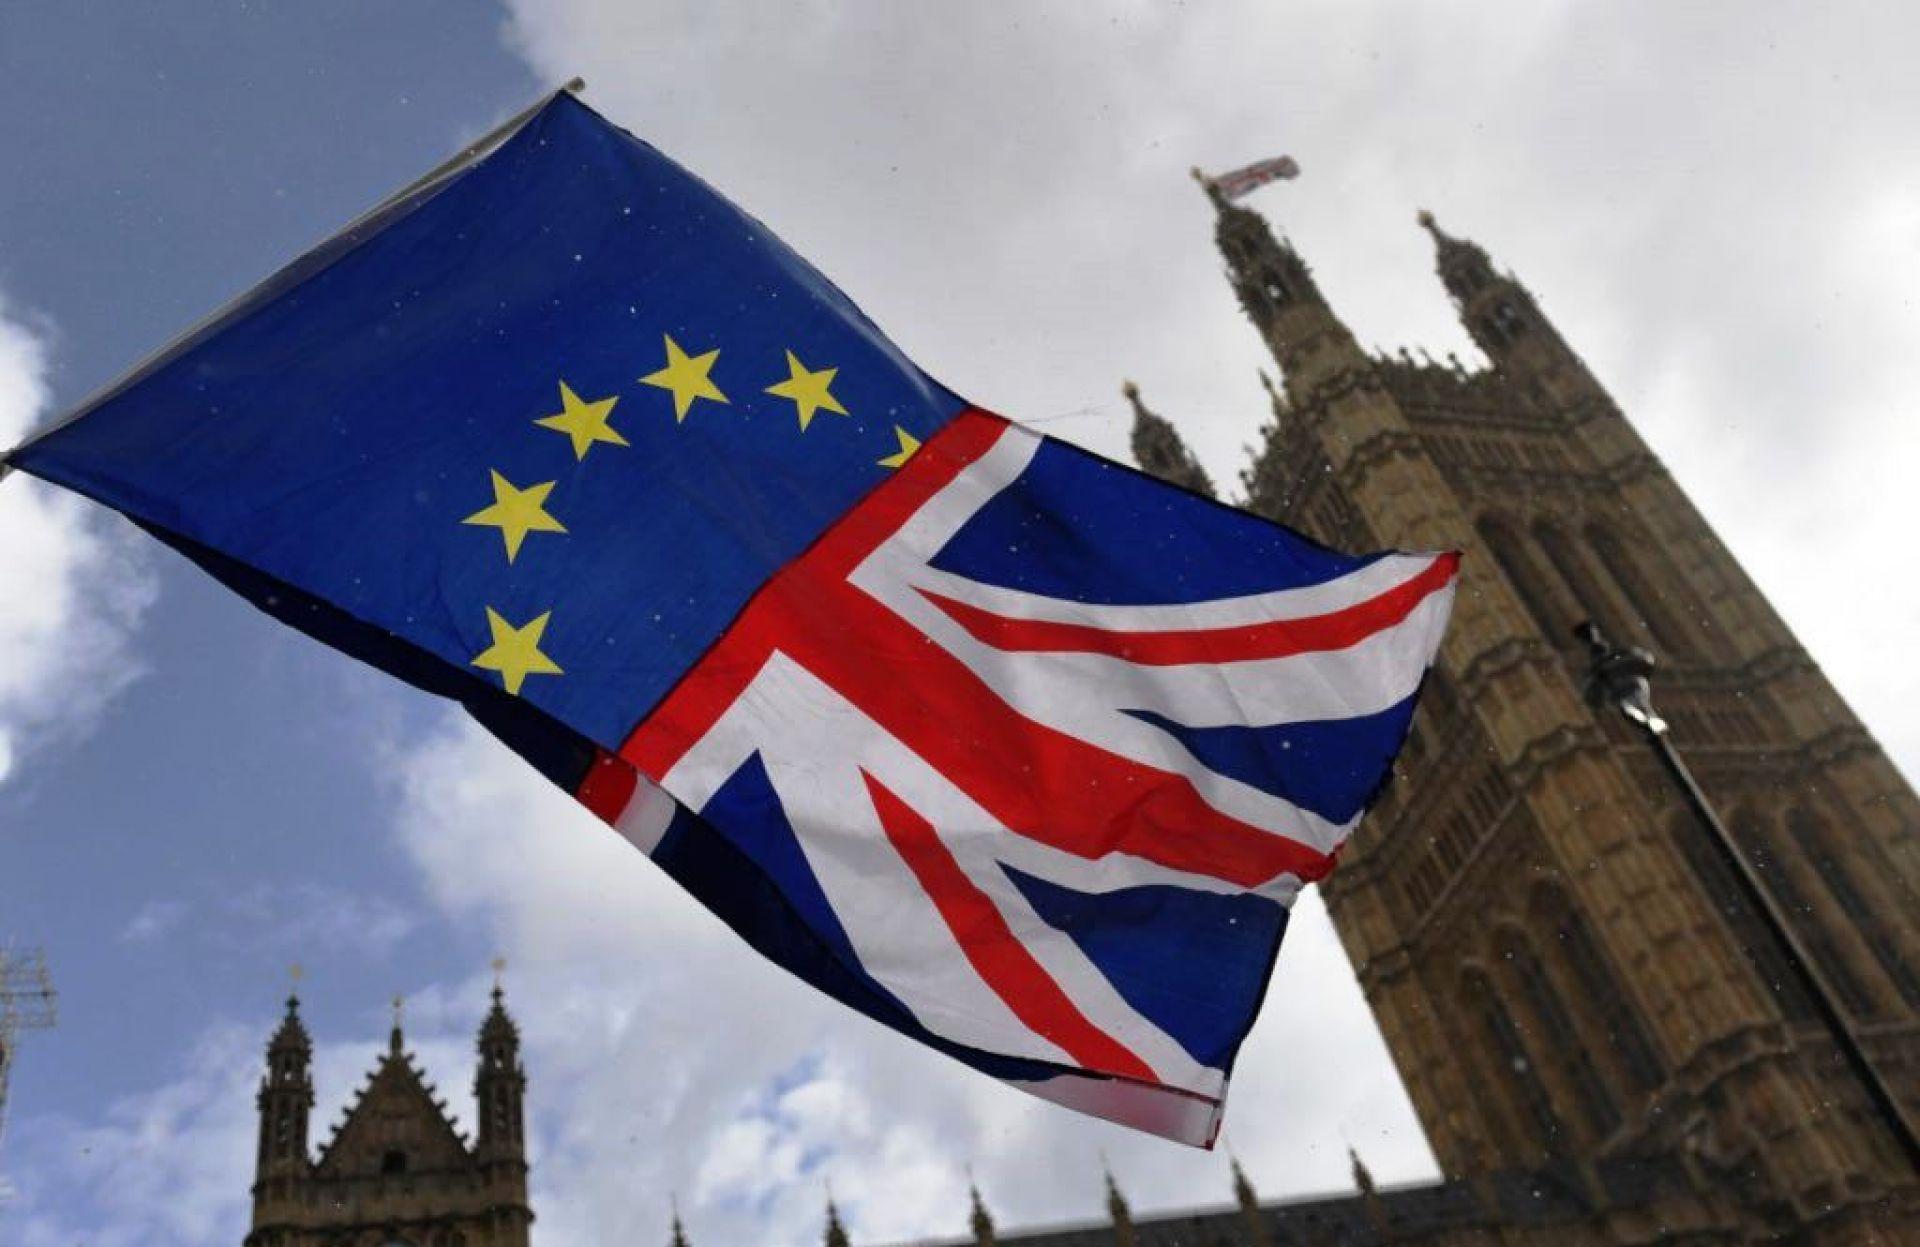 La svolta antidemocratica del parlamento inglese (2a parte)